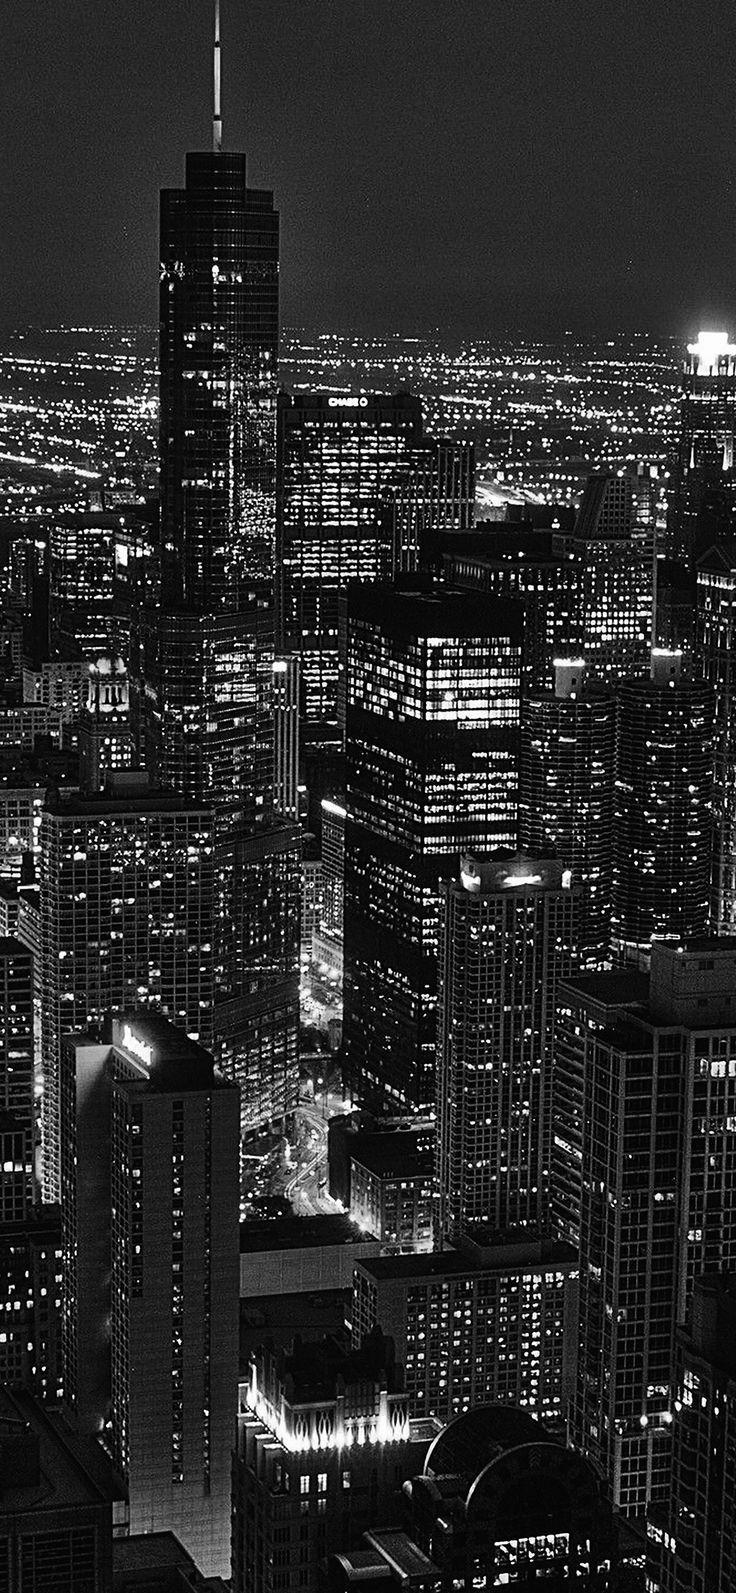 Iphone X Wallpaper Ml84 City View Night Dark Bw Via Iphonexpapers Com Wallpaper Papel De Parede Do Iphone Papel De Parede Da Cidade Papel De Parede Wallpaper